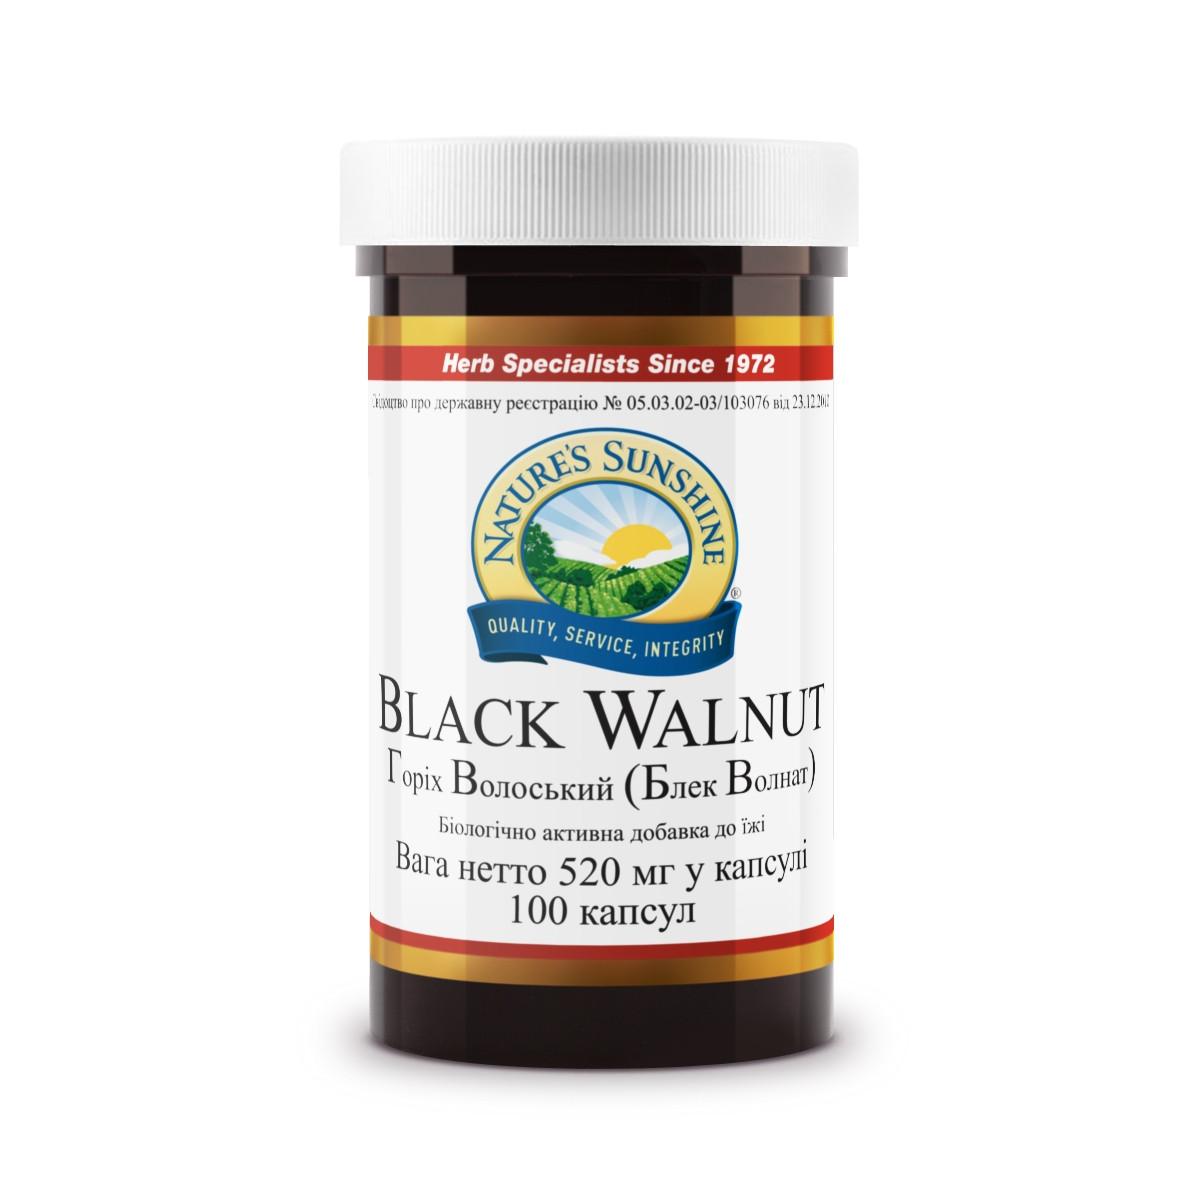 Black Walnut Грецкий черный орех, НСП, NSP, США. Противоглистный, антипаразитарный.  Улучшает обмен веществ.